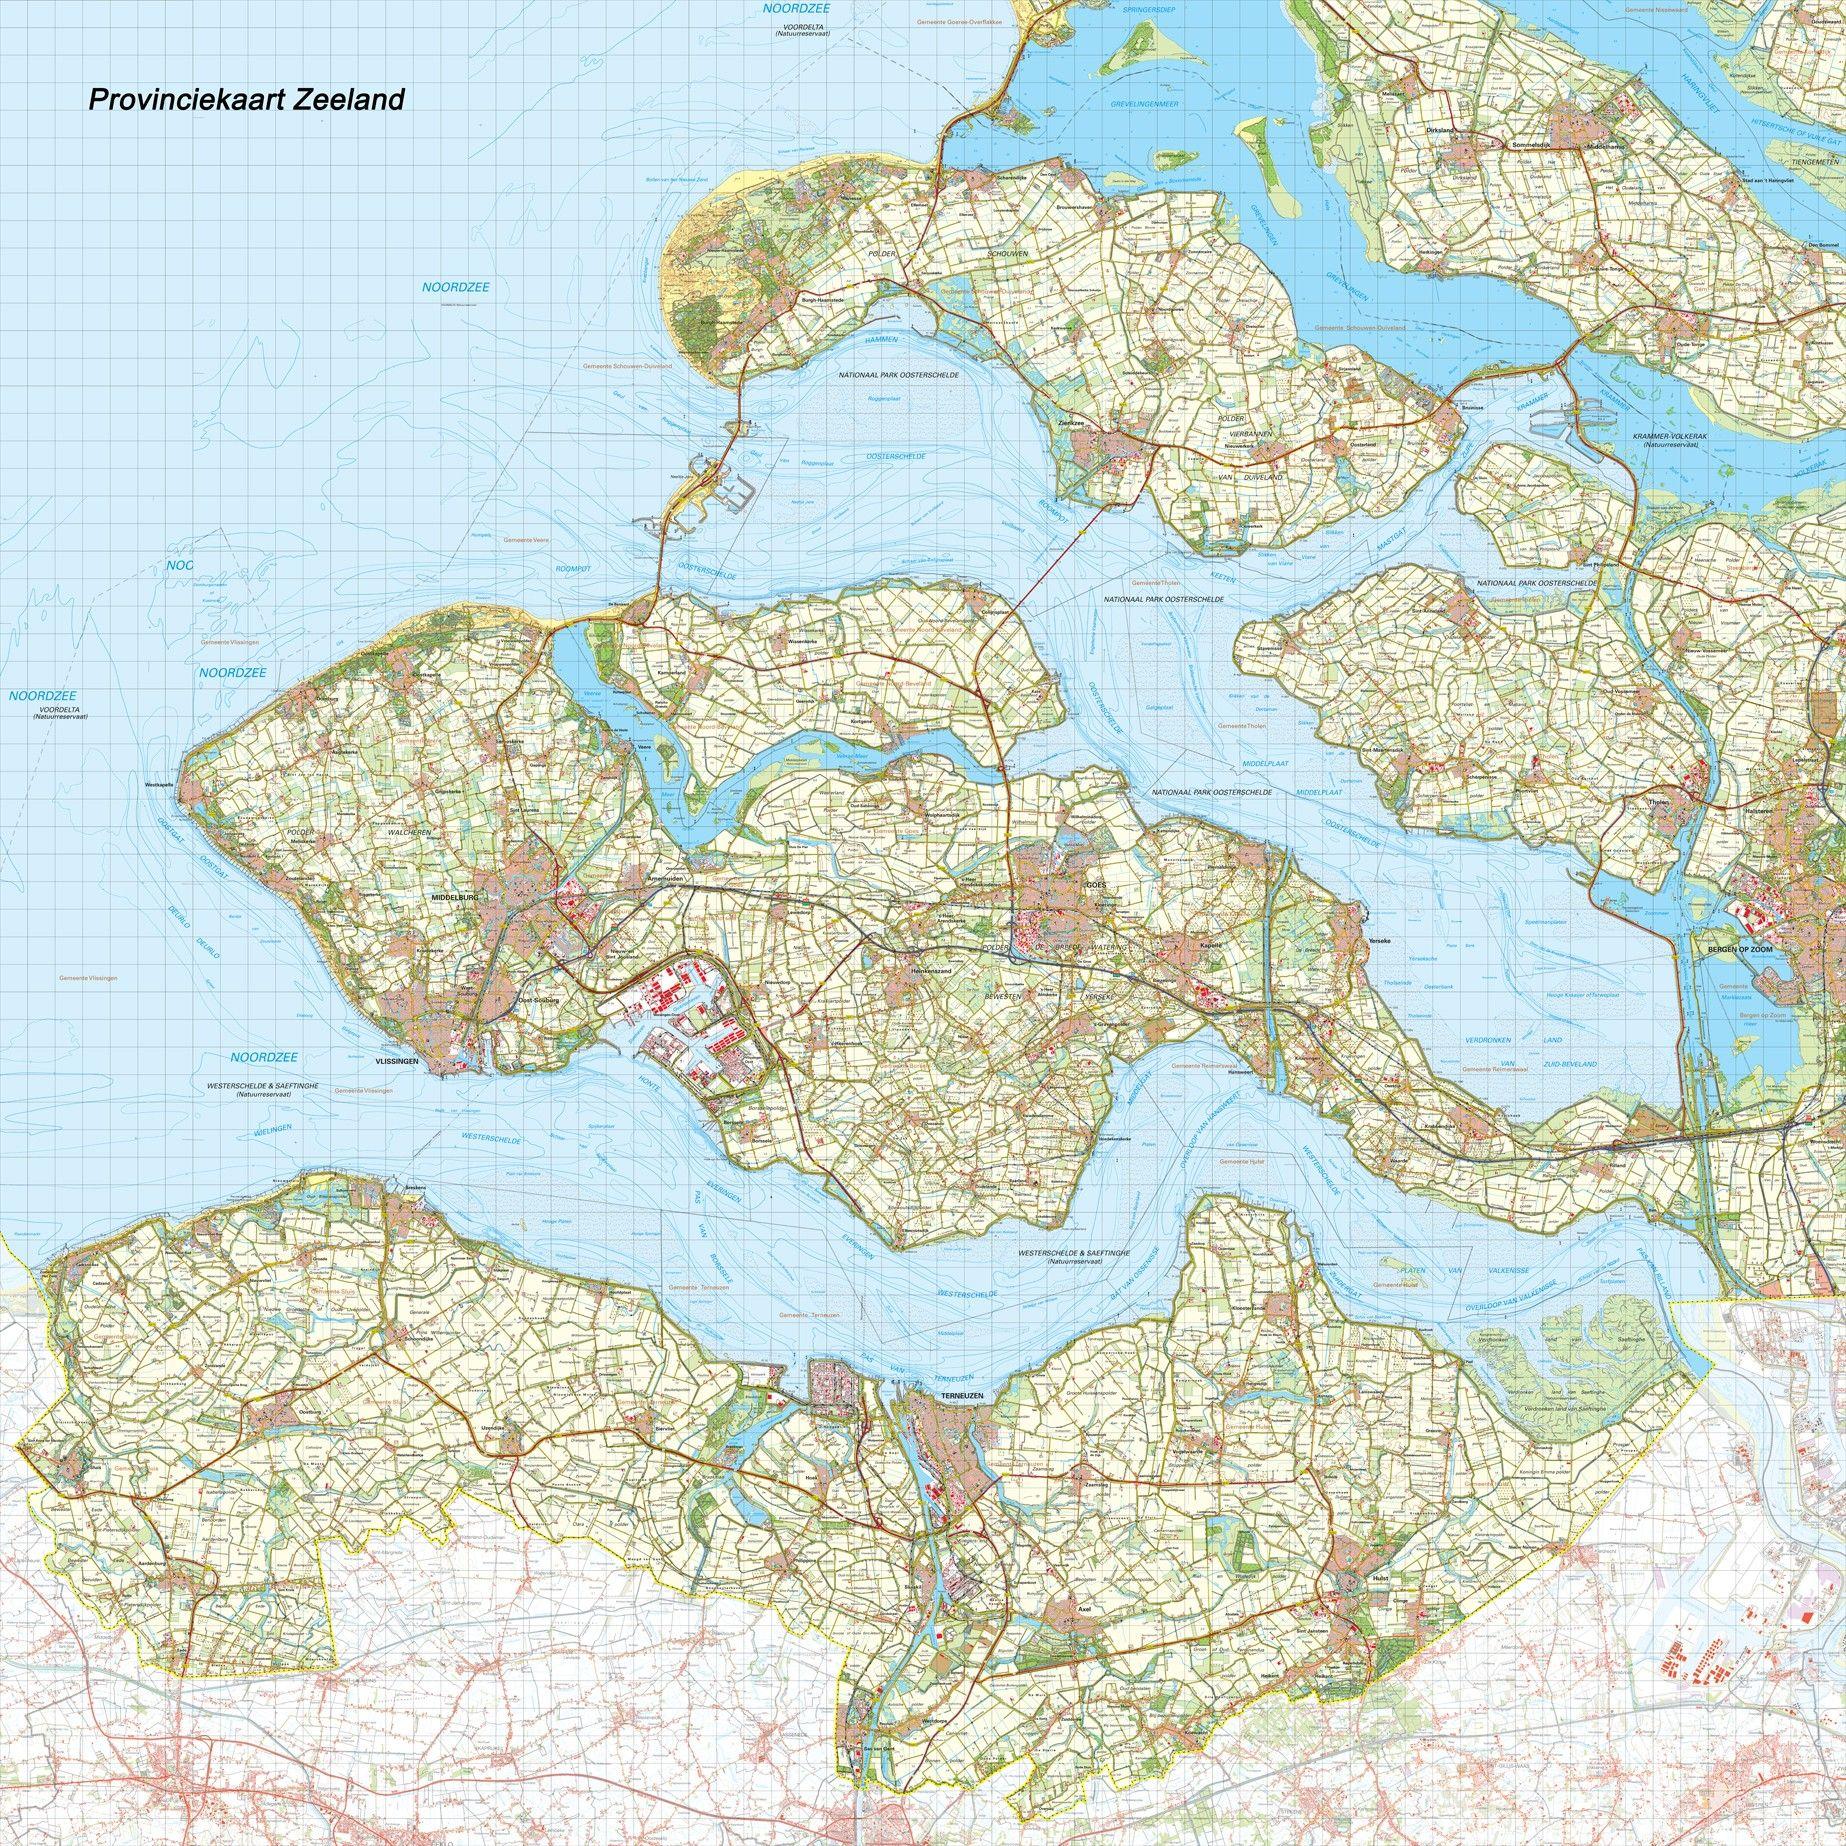 Provincie kaart Zeeland schaal 1:50.000